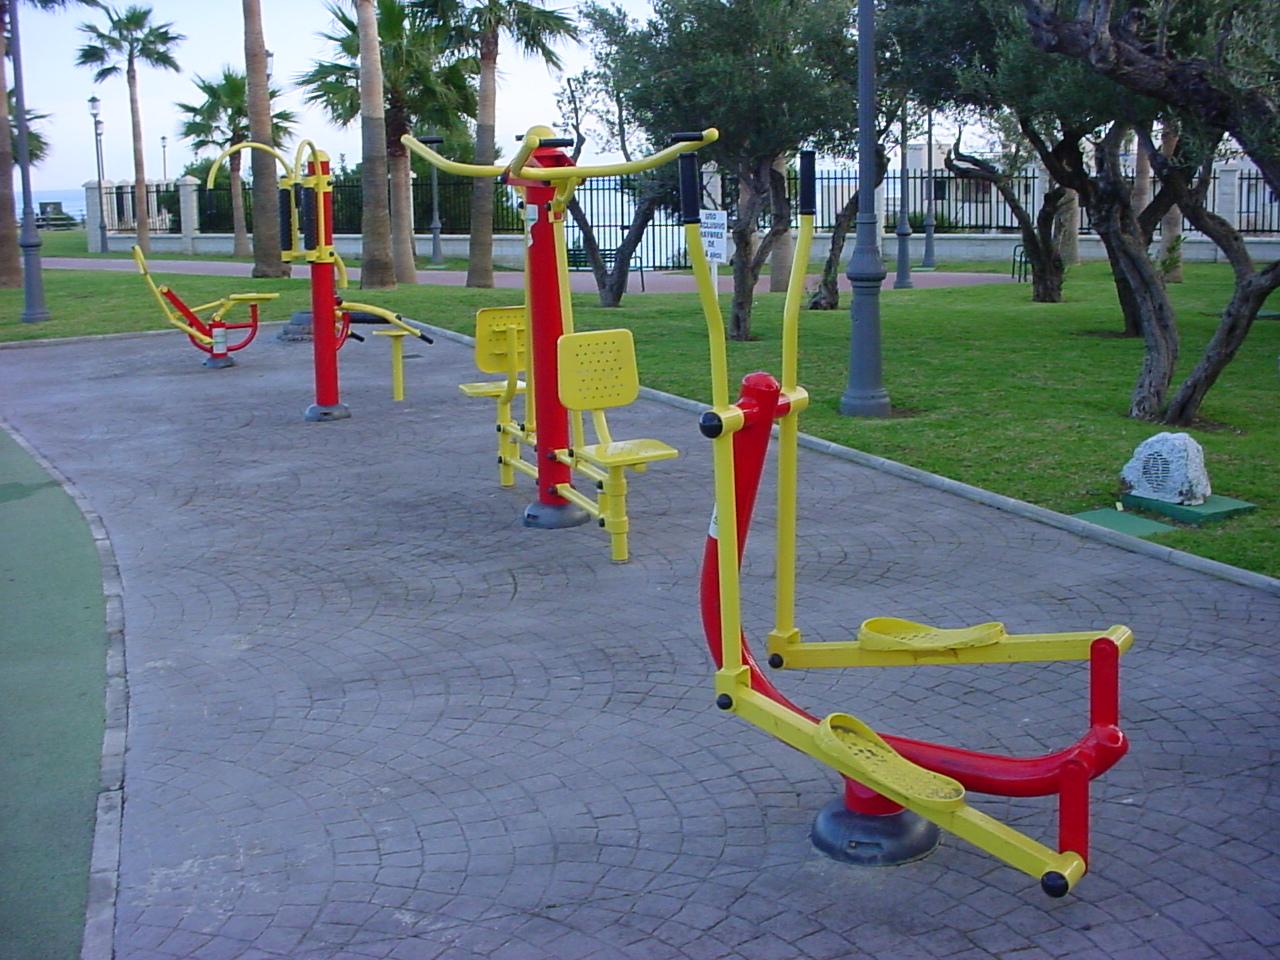 Life Fitness Lifecycle GX at Gymworld | Biking workout